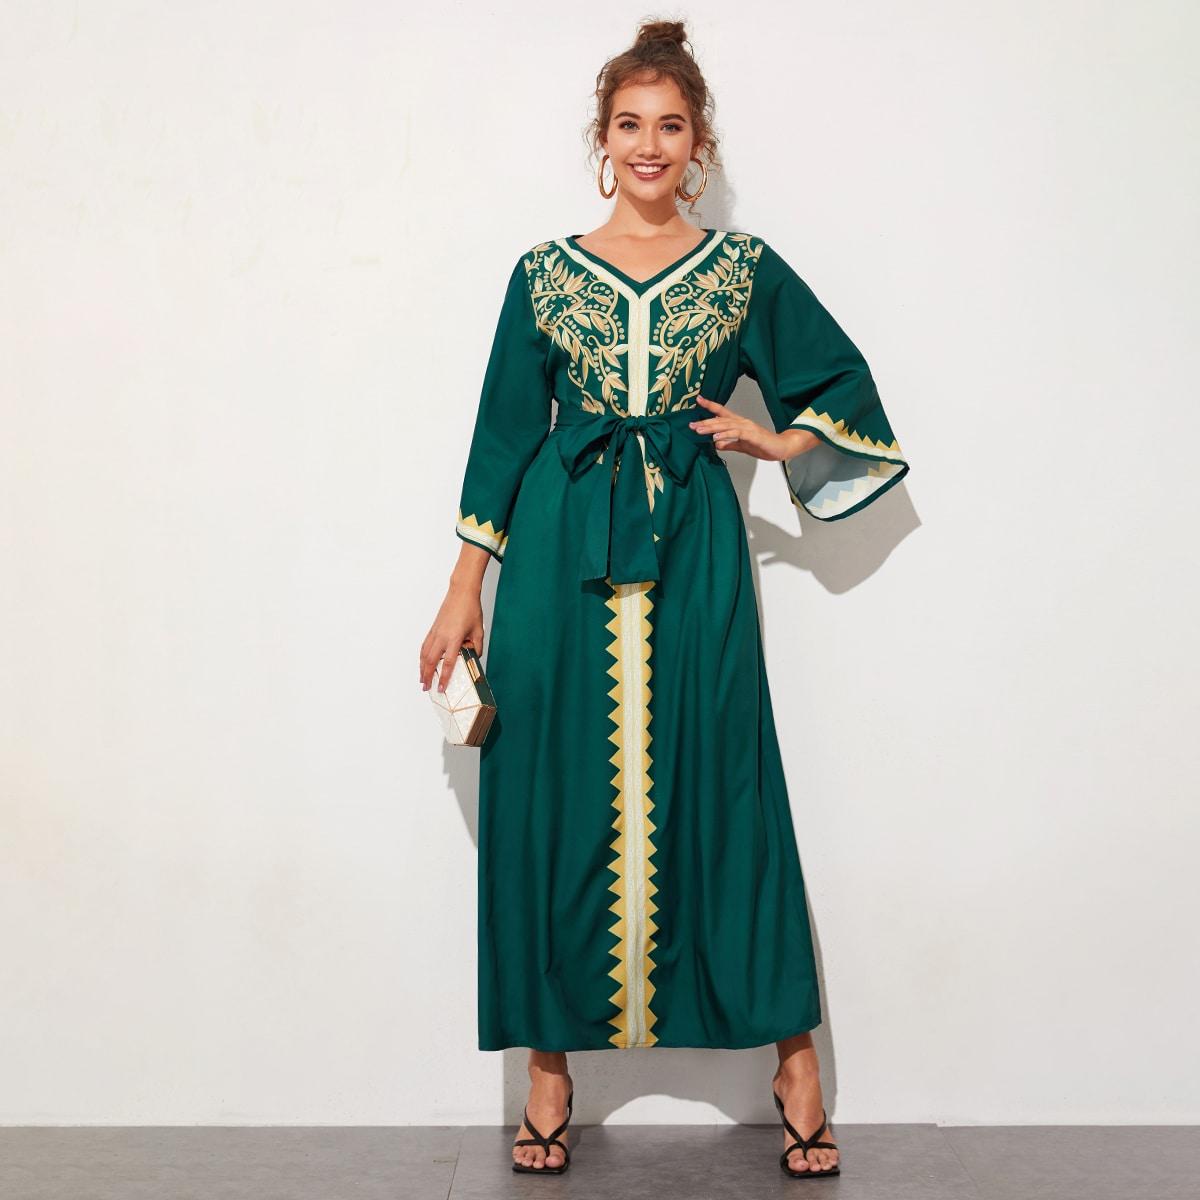 Платье с поясом, рукавом колокол, племенным принтом и v-образным вырезом фото